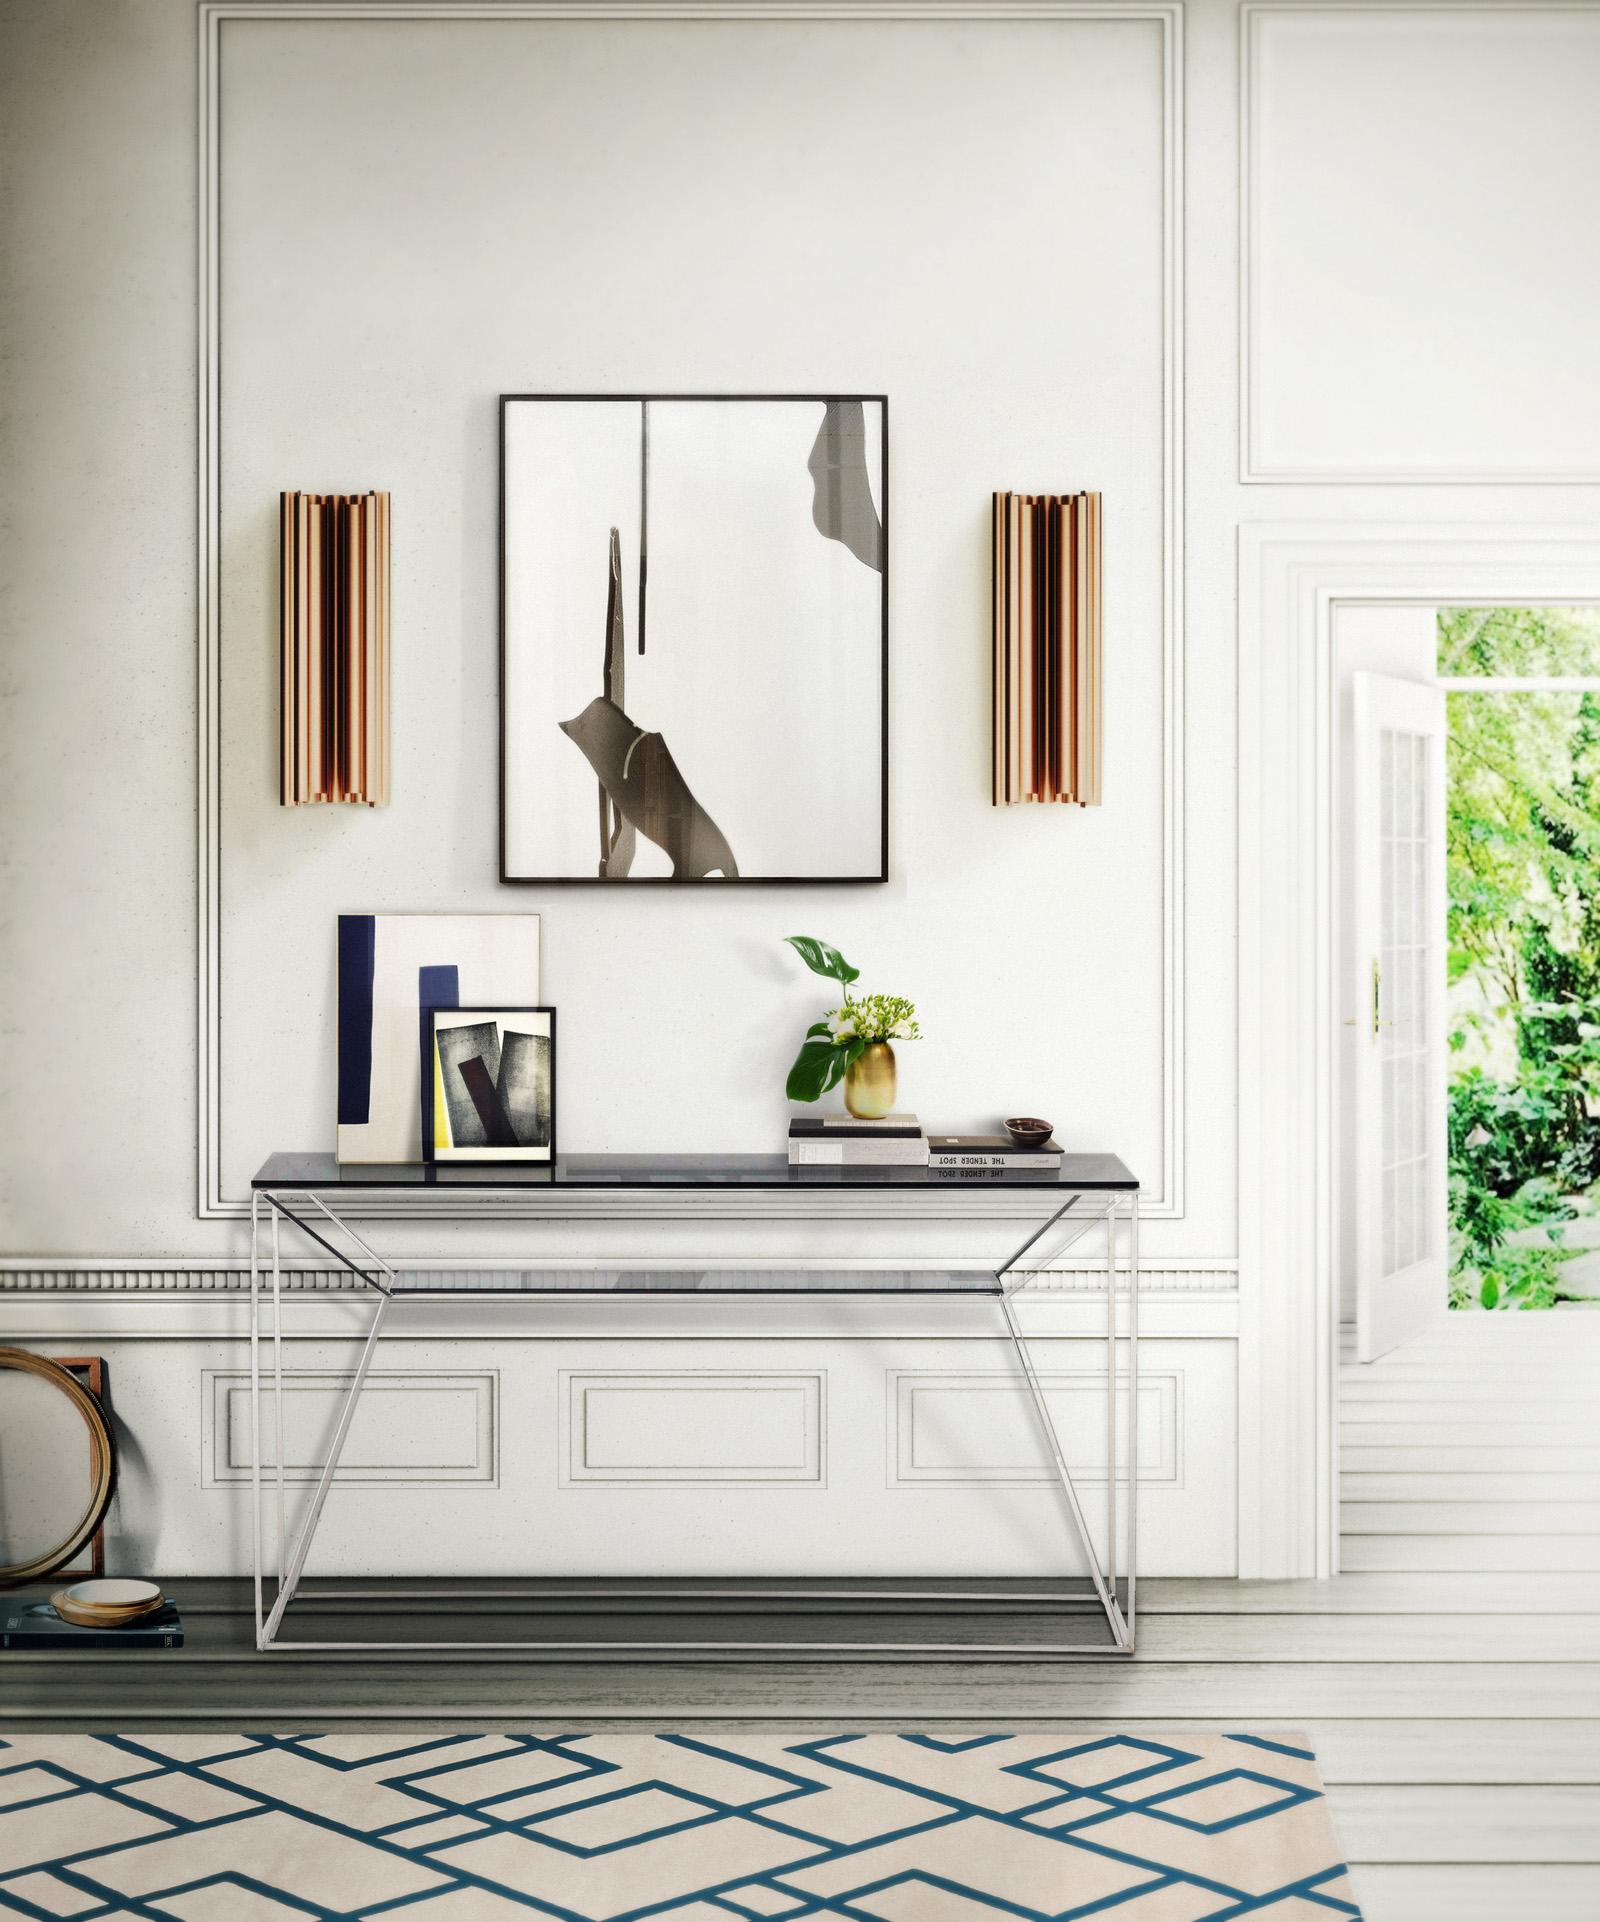 teppich • bilder & ideen • couchstyle, Hause deko